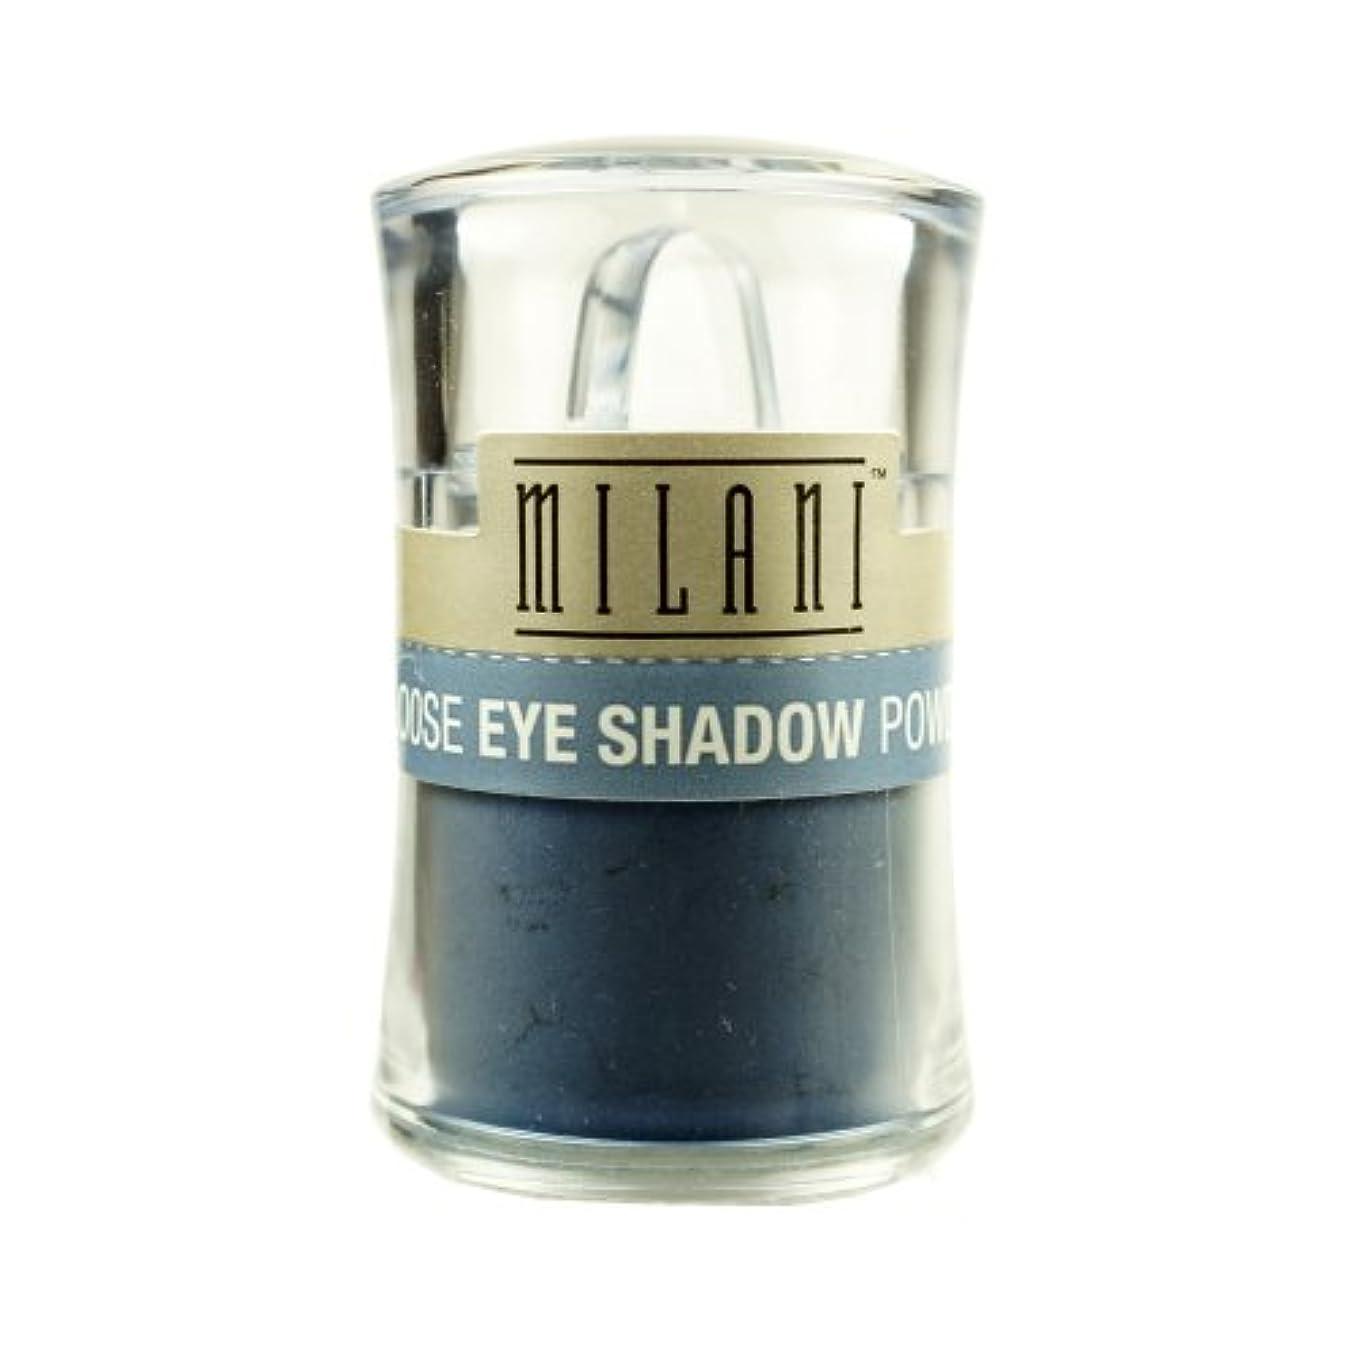 温度スリーブ醸造所MILANI Loose Eye Shadow Powder - Misty Blue (並行輸入品)